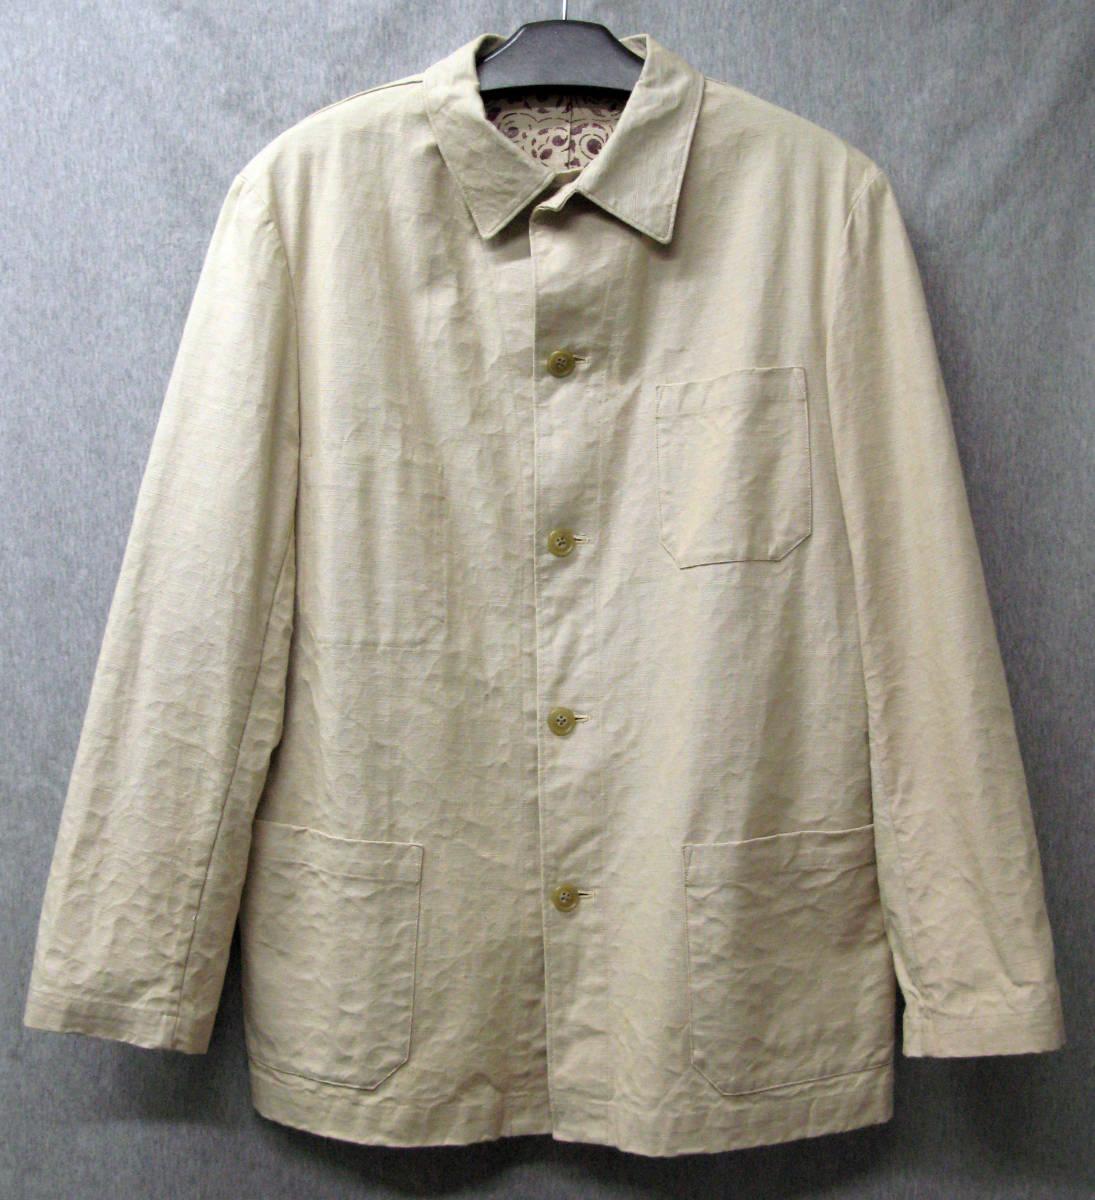 ワイズ フォーメン:裏プリント 綿麻混紡 ジャケット ( 麻ジャケット 春夏ジャケット Yohji Yamamoto linen jacket_画像1